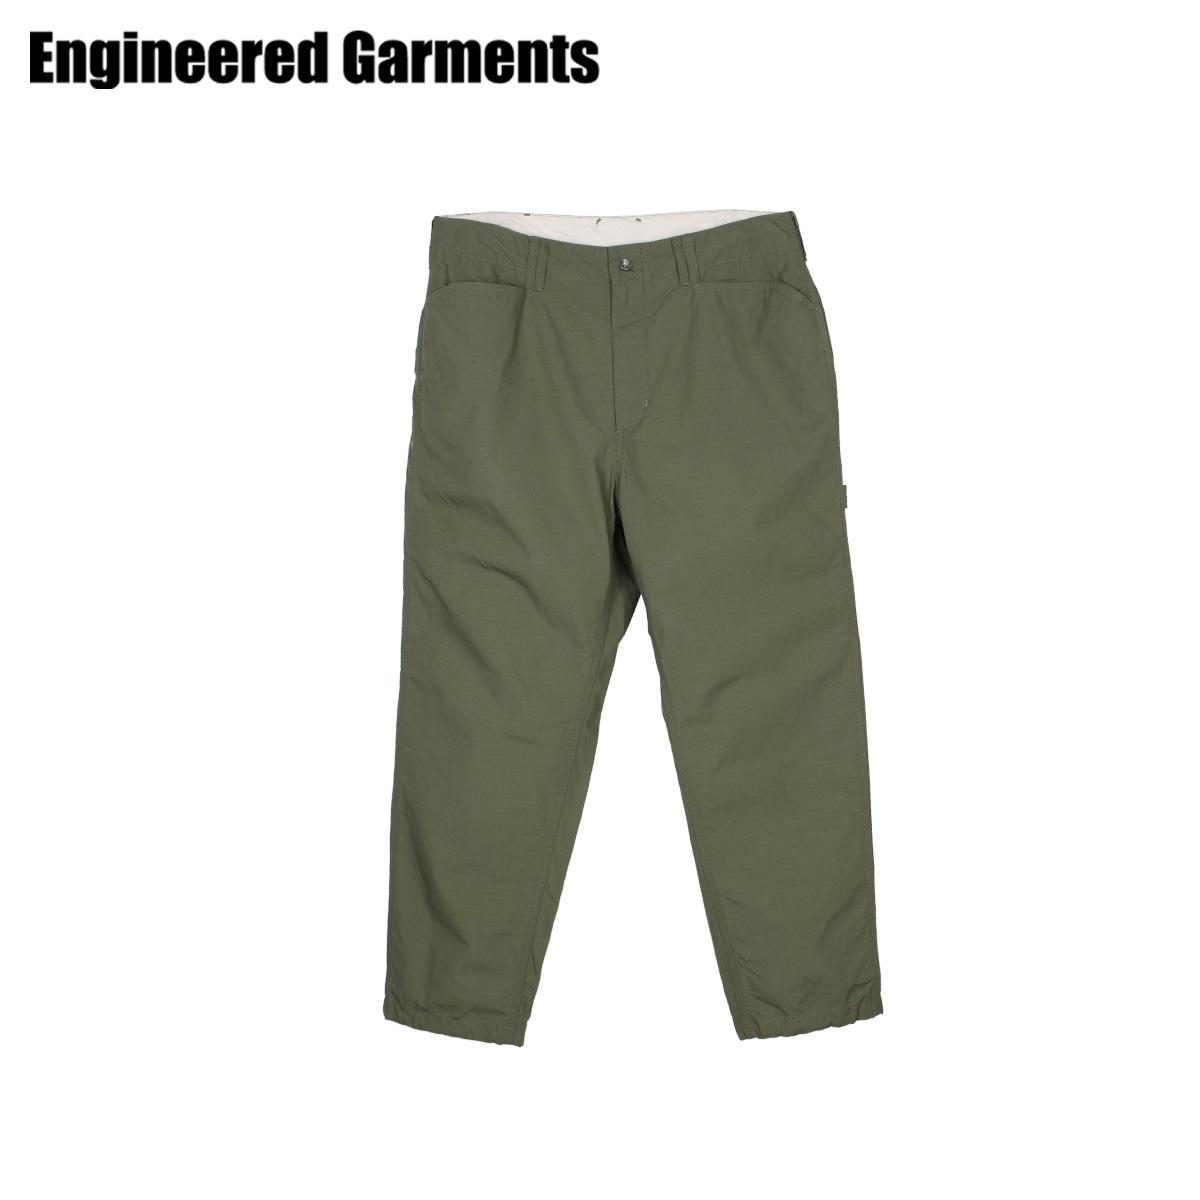 ENGINEERED GARMENTS エンジニアドガーメンツ ペインターパンツ ワークパンツ パンツ メンズ PAINTER PANT オリーブ 20S1F005